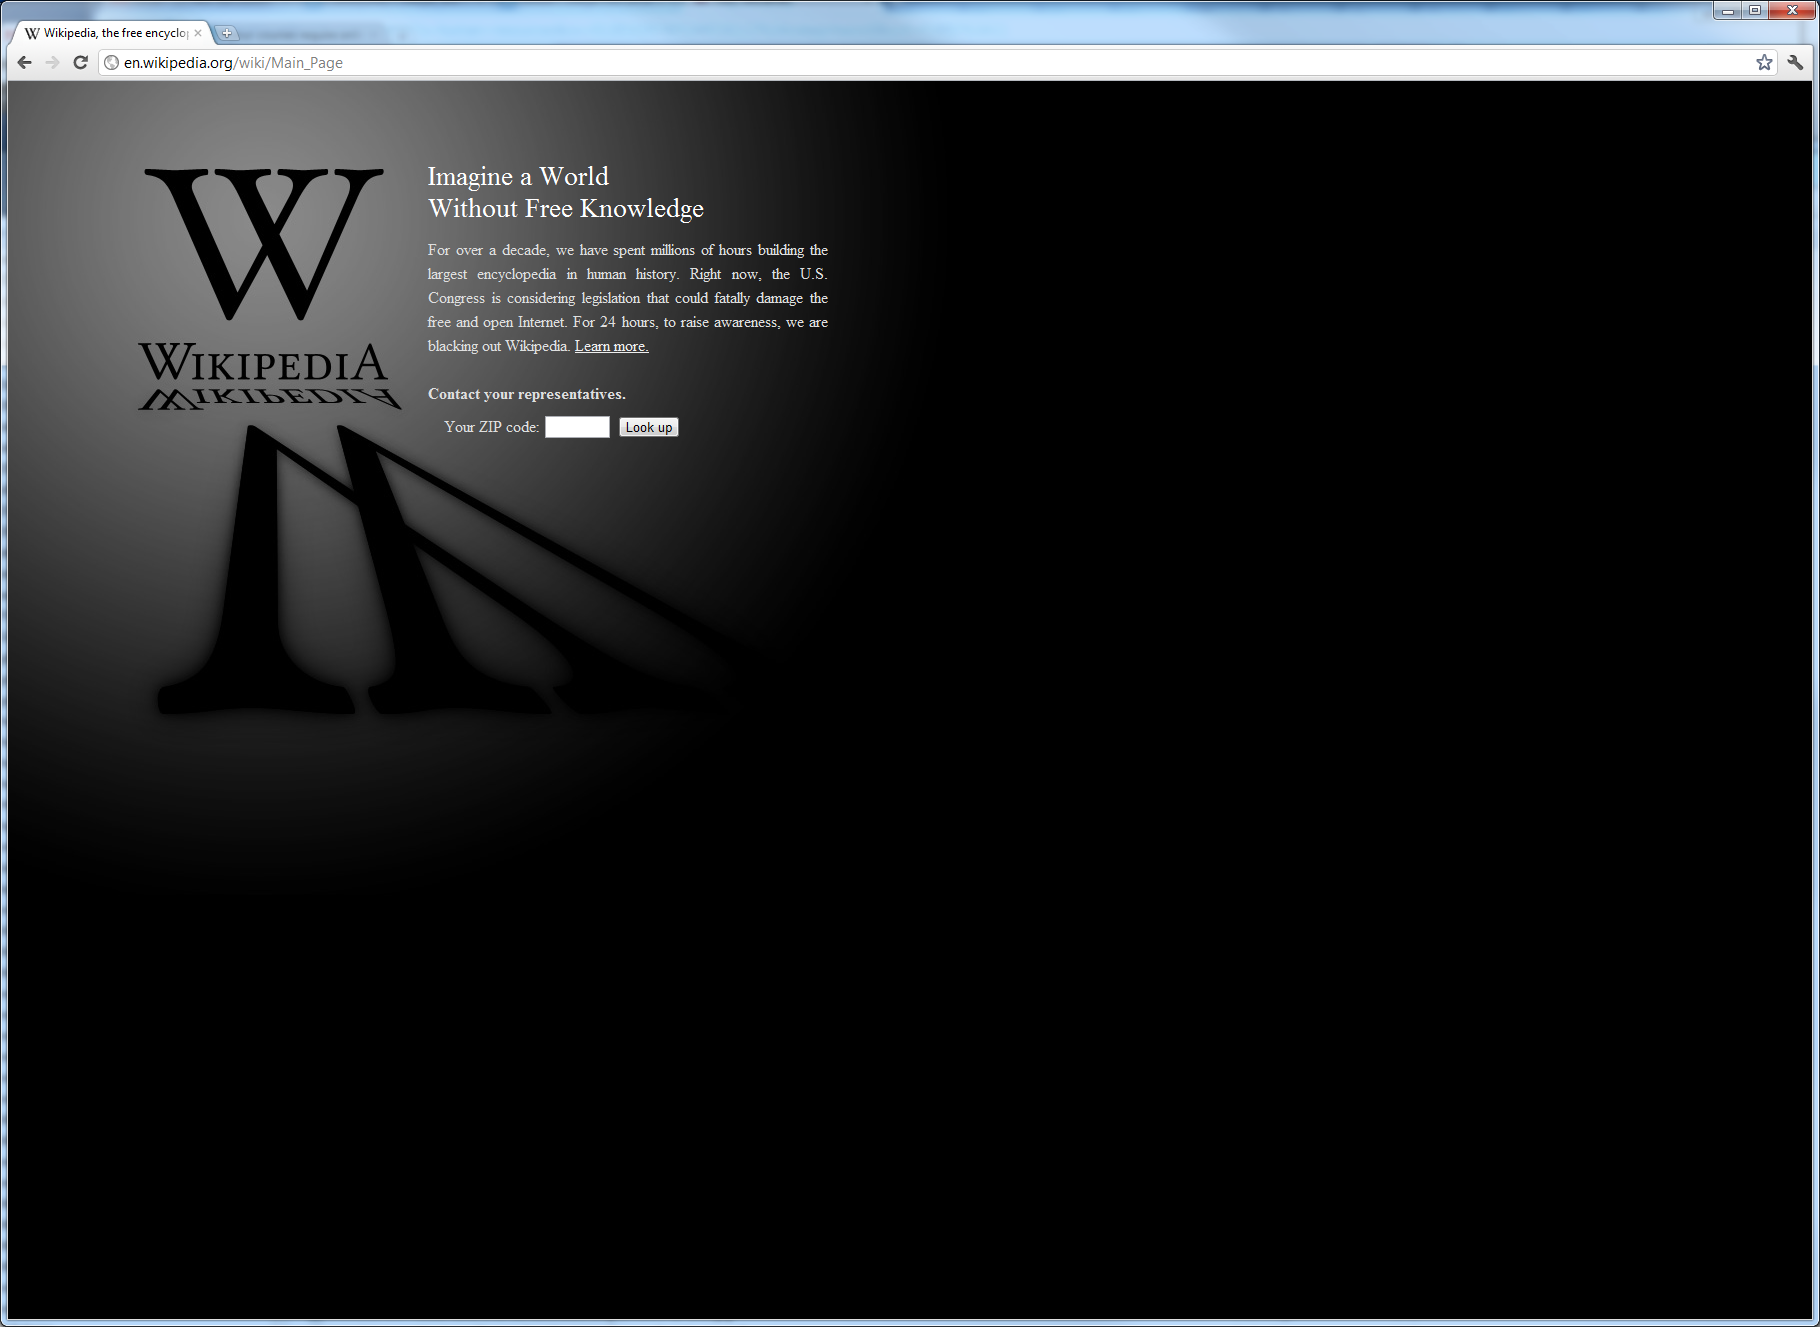 Wikipedia English Blackout Wed Jan 18 2012